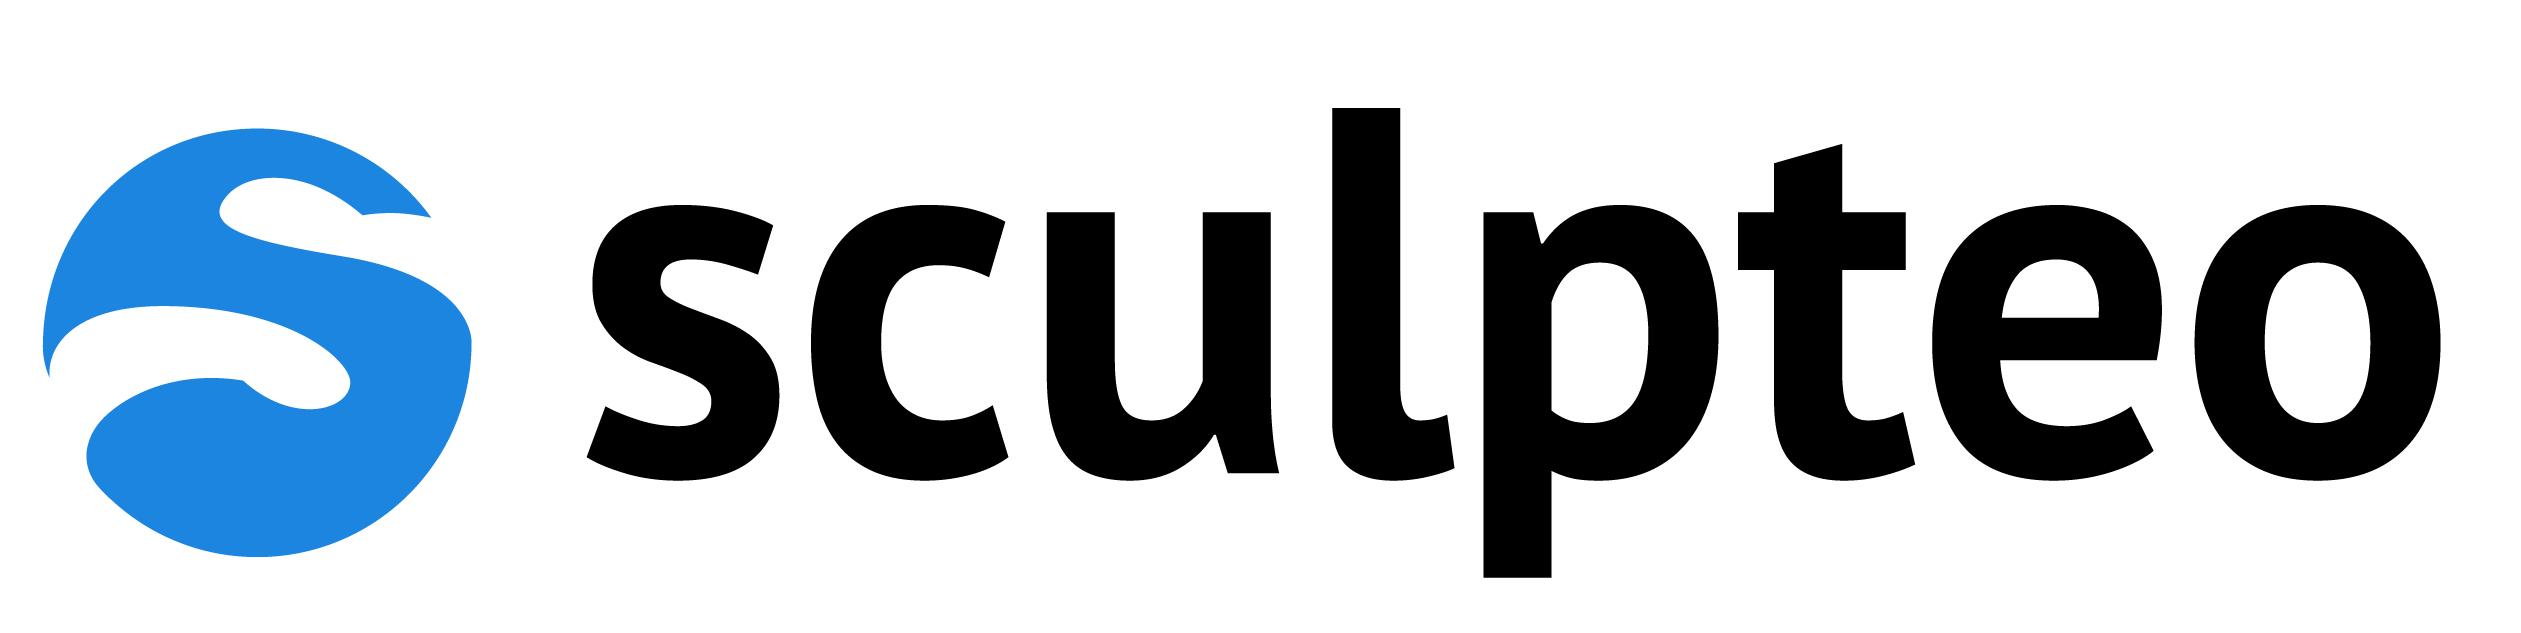 Sculpteo.com